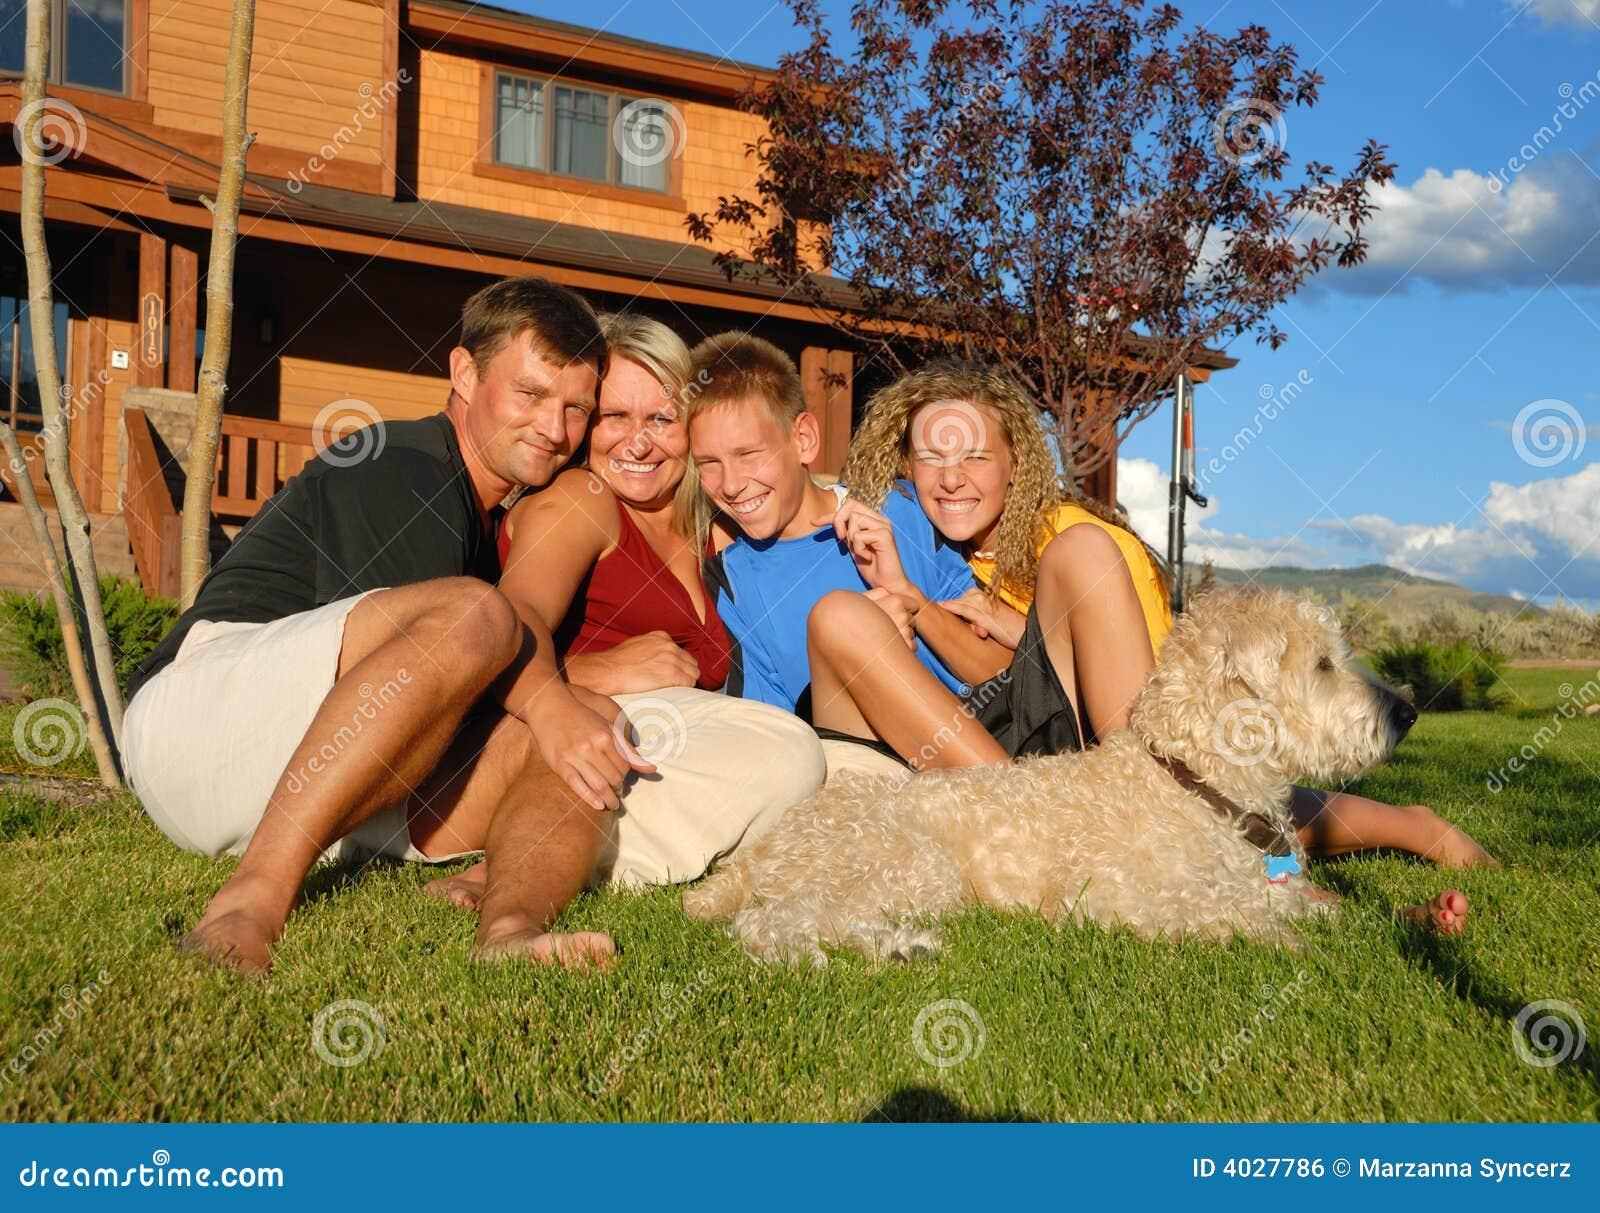 famille heureuse en dehors de maison image libre de droits image 4027786. Black Bedroom Furniture Sets. Home Design Ideas